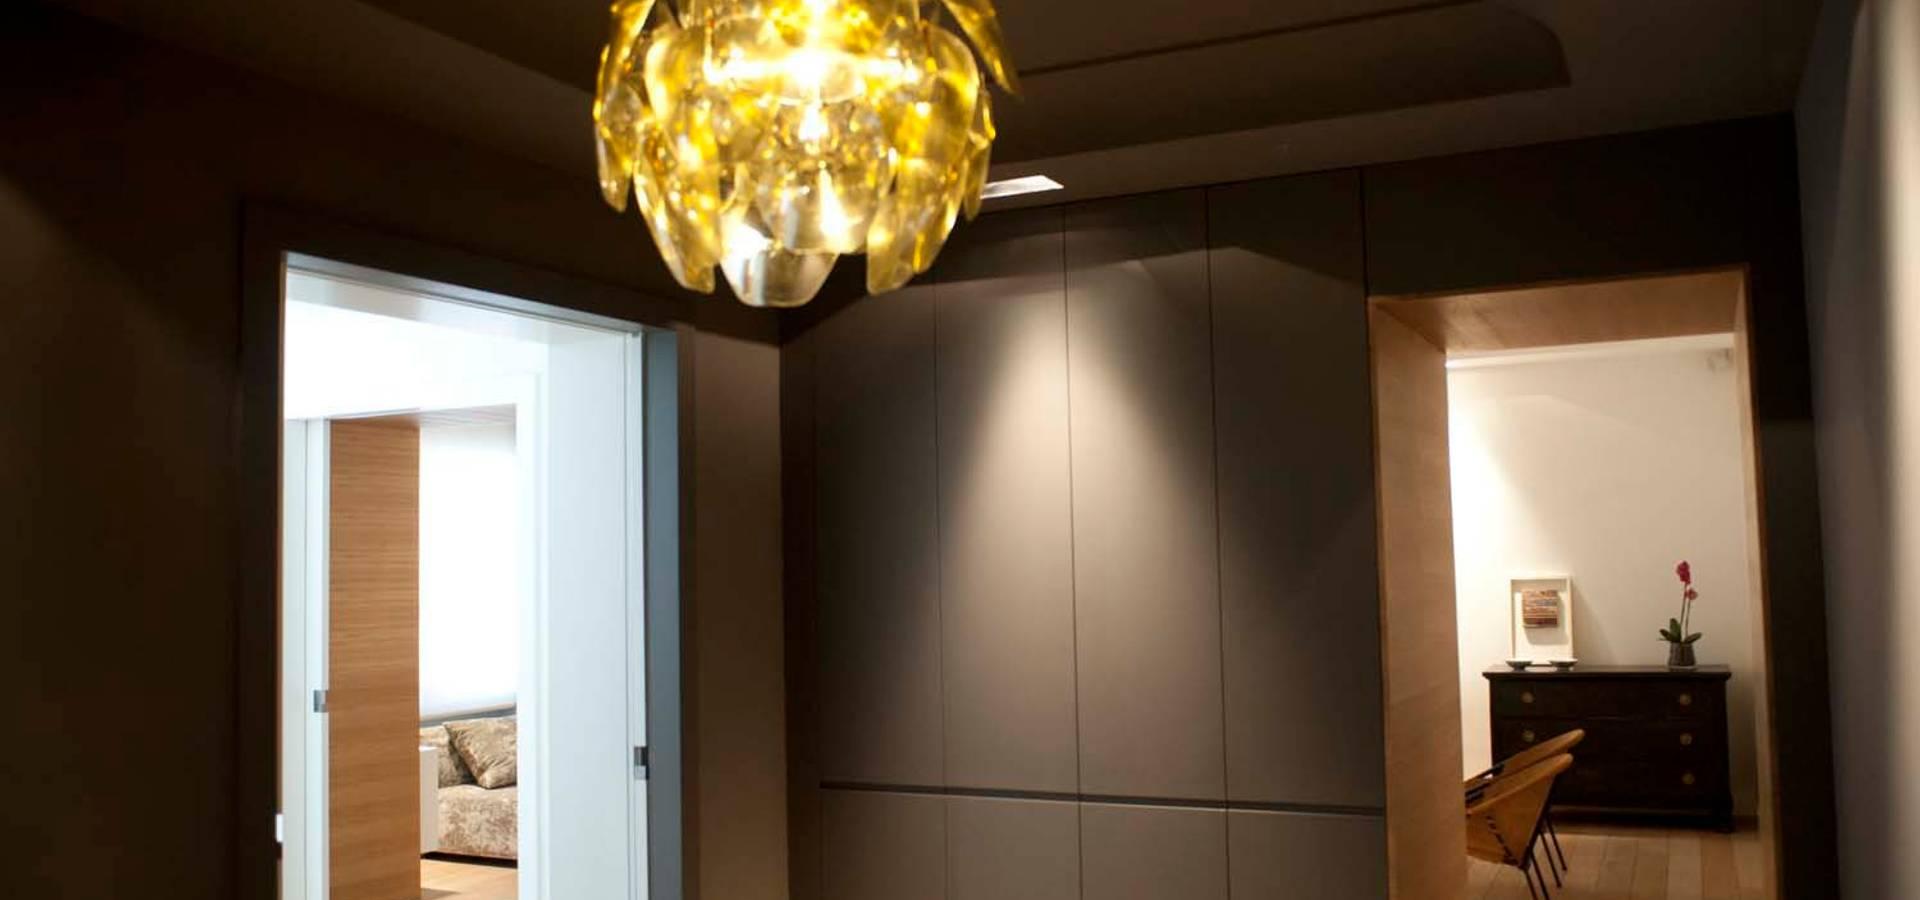 Chituca velasco decoradores y dise adores de interiores - Decoradores interiores madrid ...